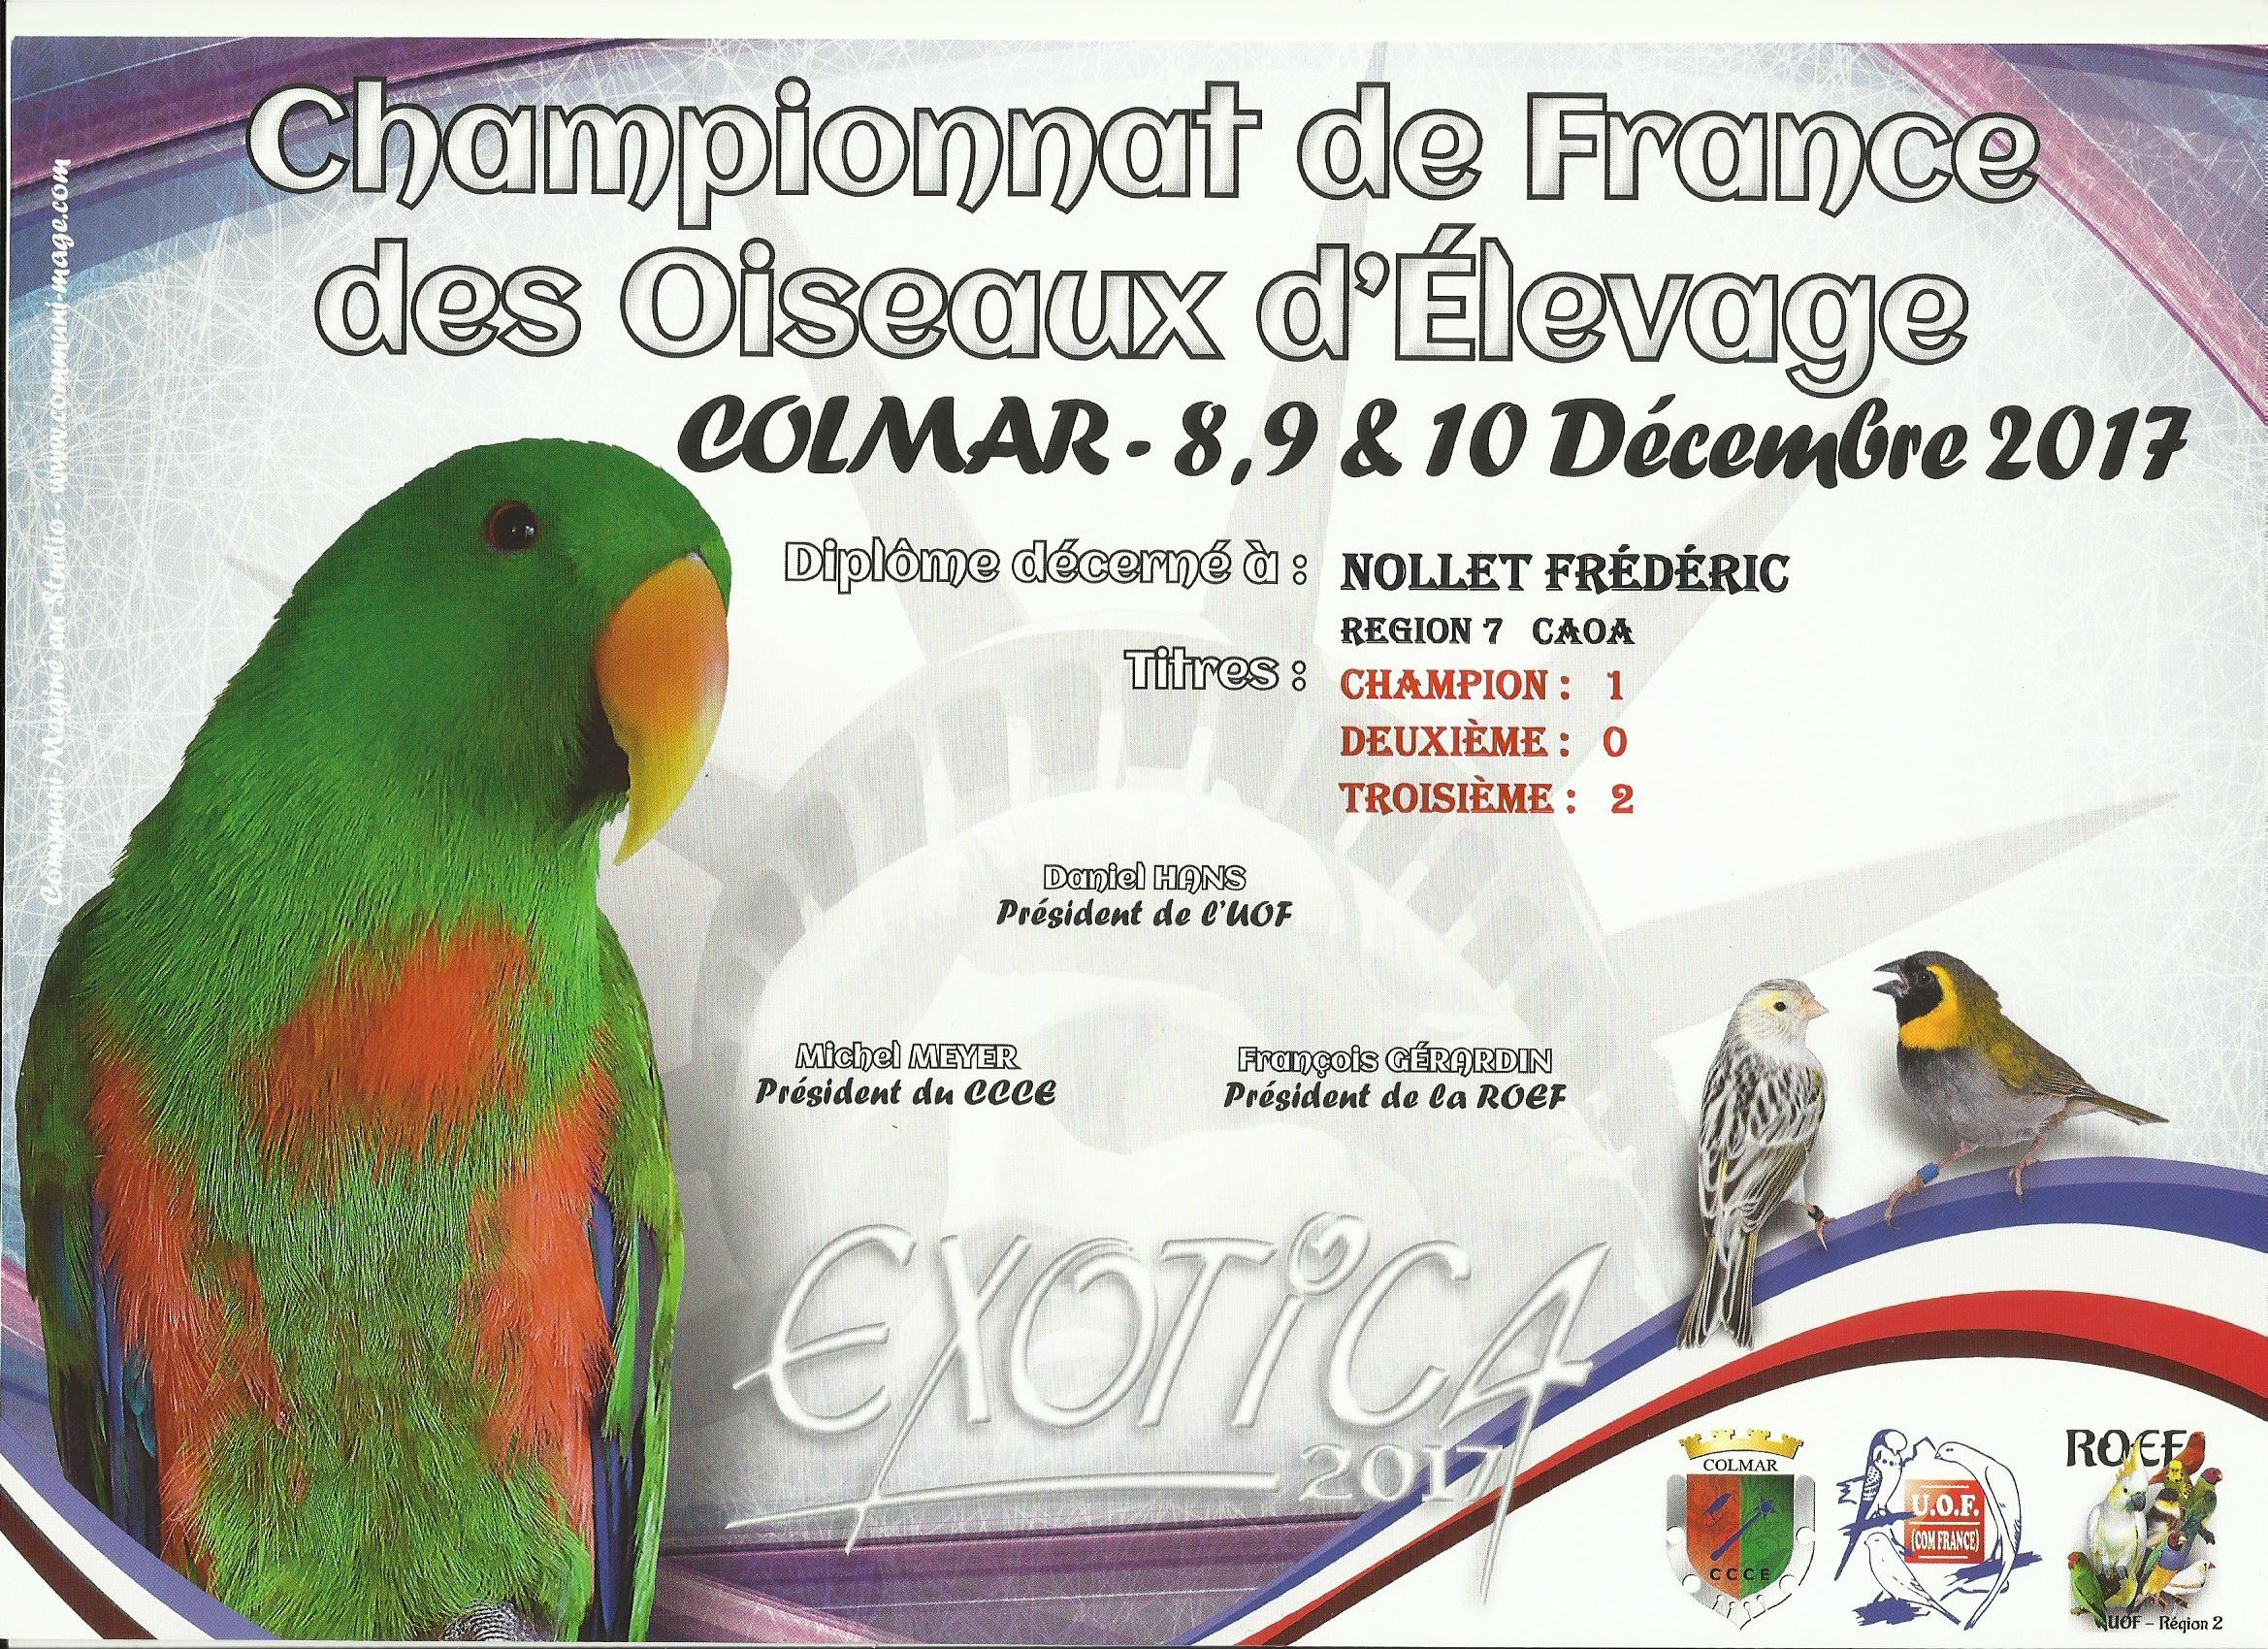 Championnat National - Colmar - Décembre 2017